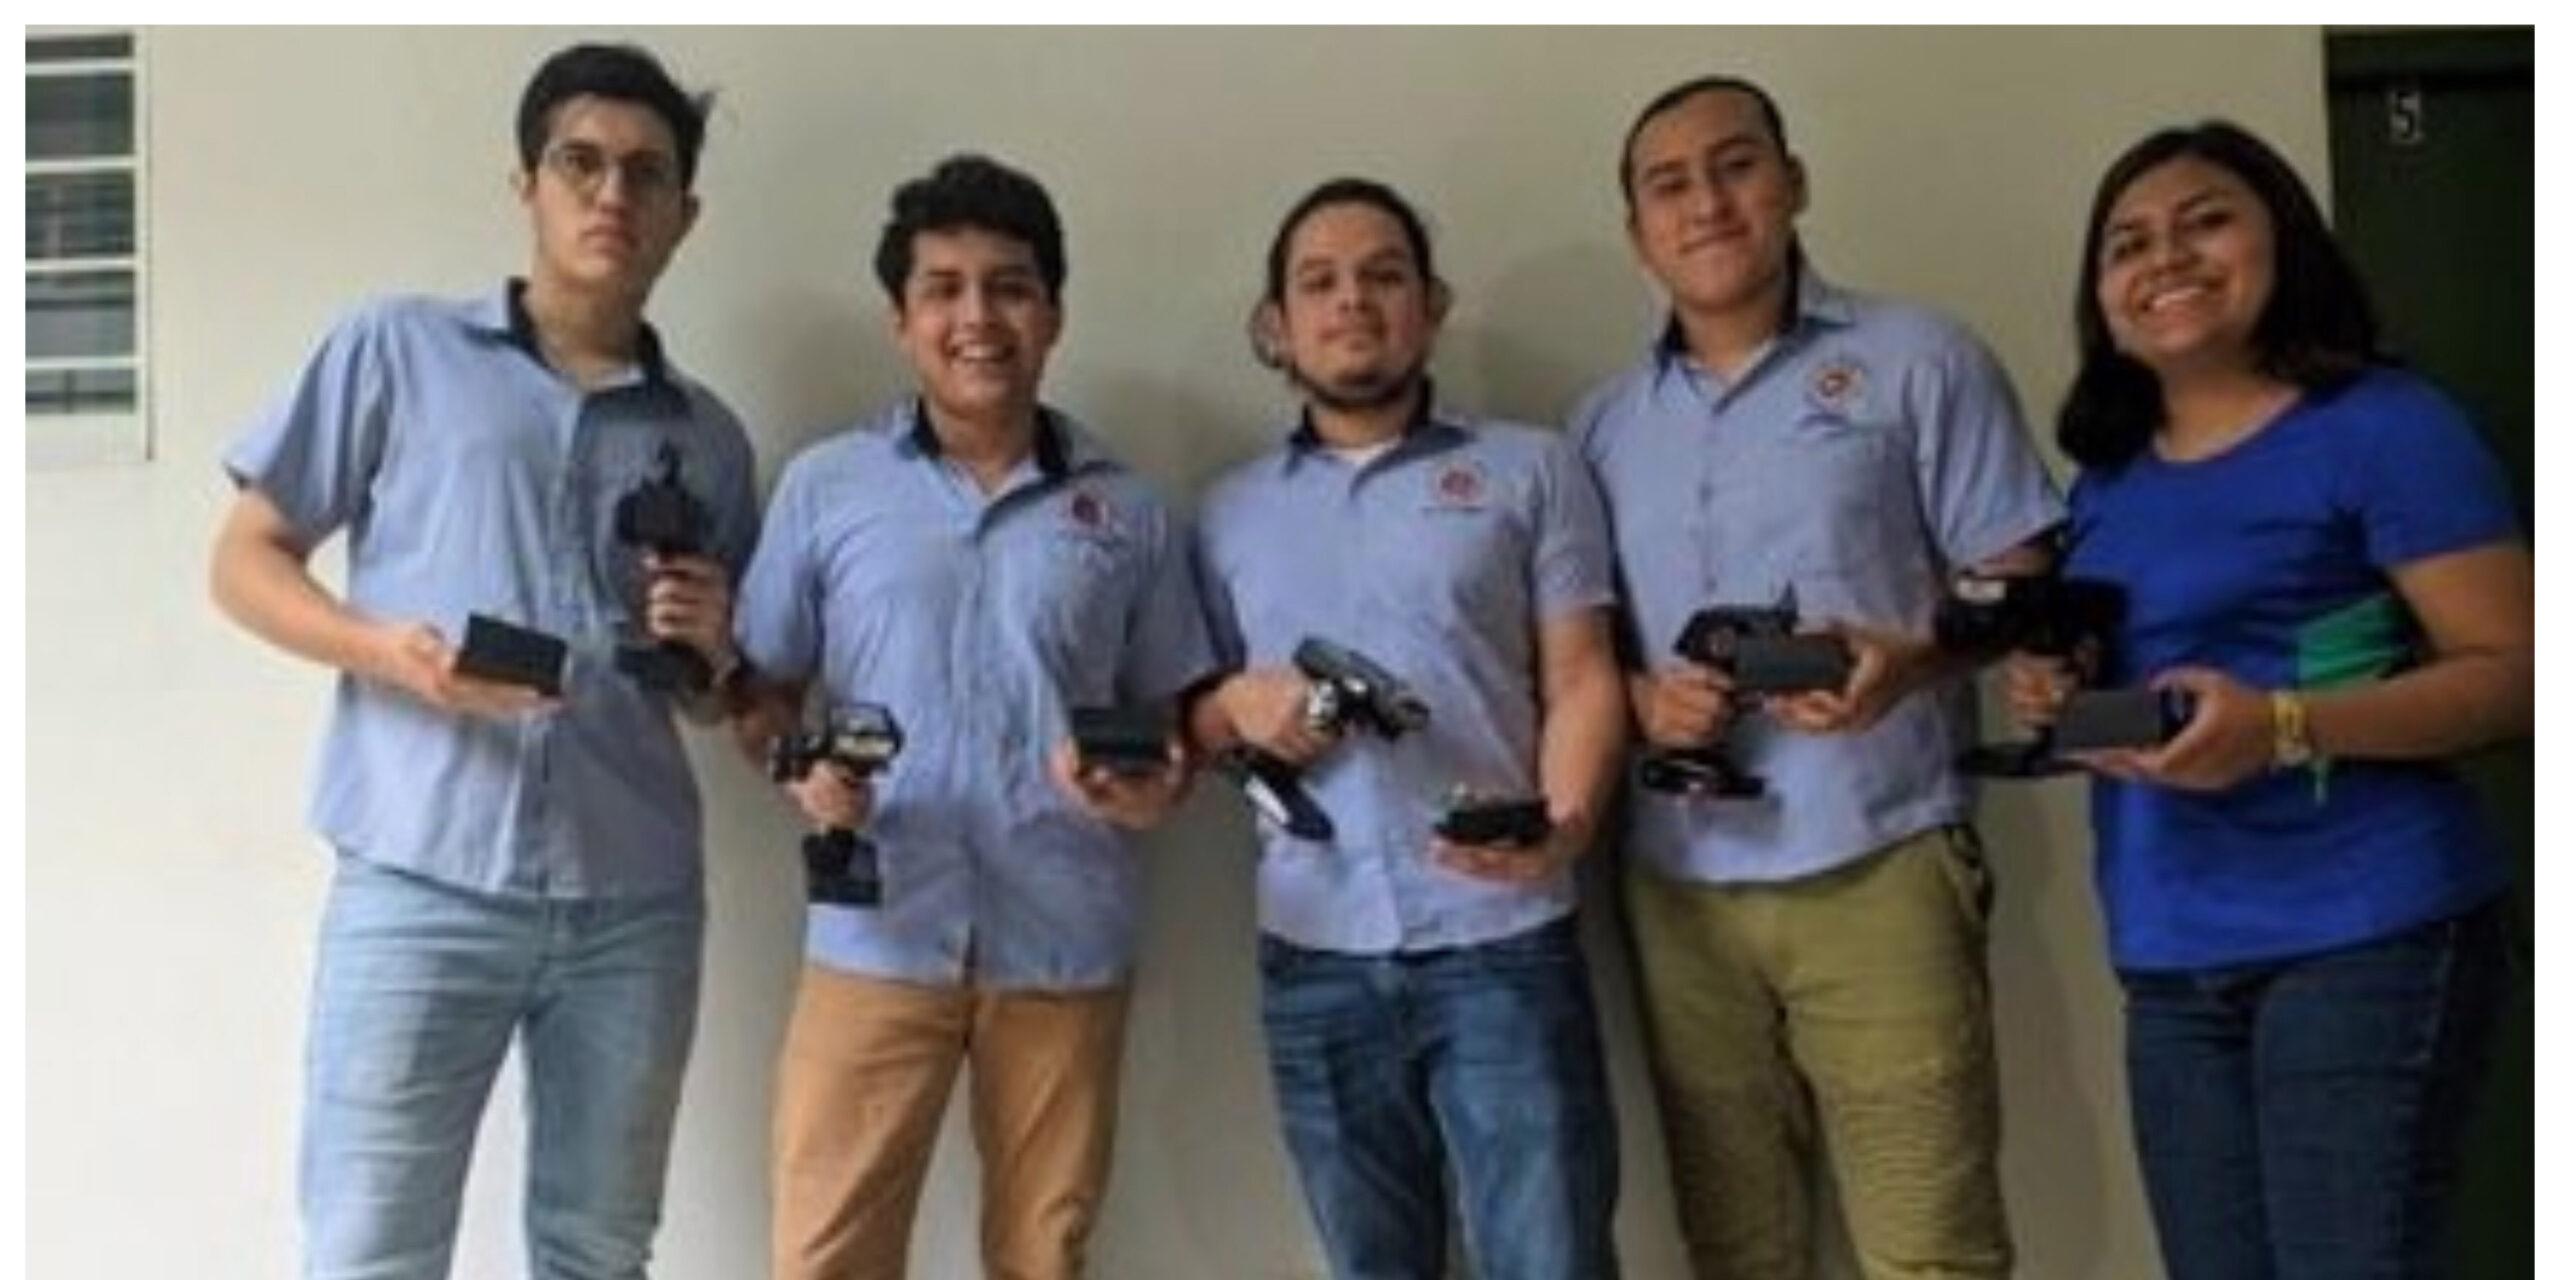 Estudiantes Mexicanos del TecNM triunfan en torneo internacional de robótica virtual   El Imparcial de Oaxaca